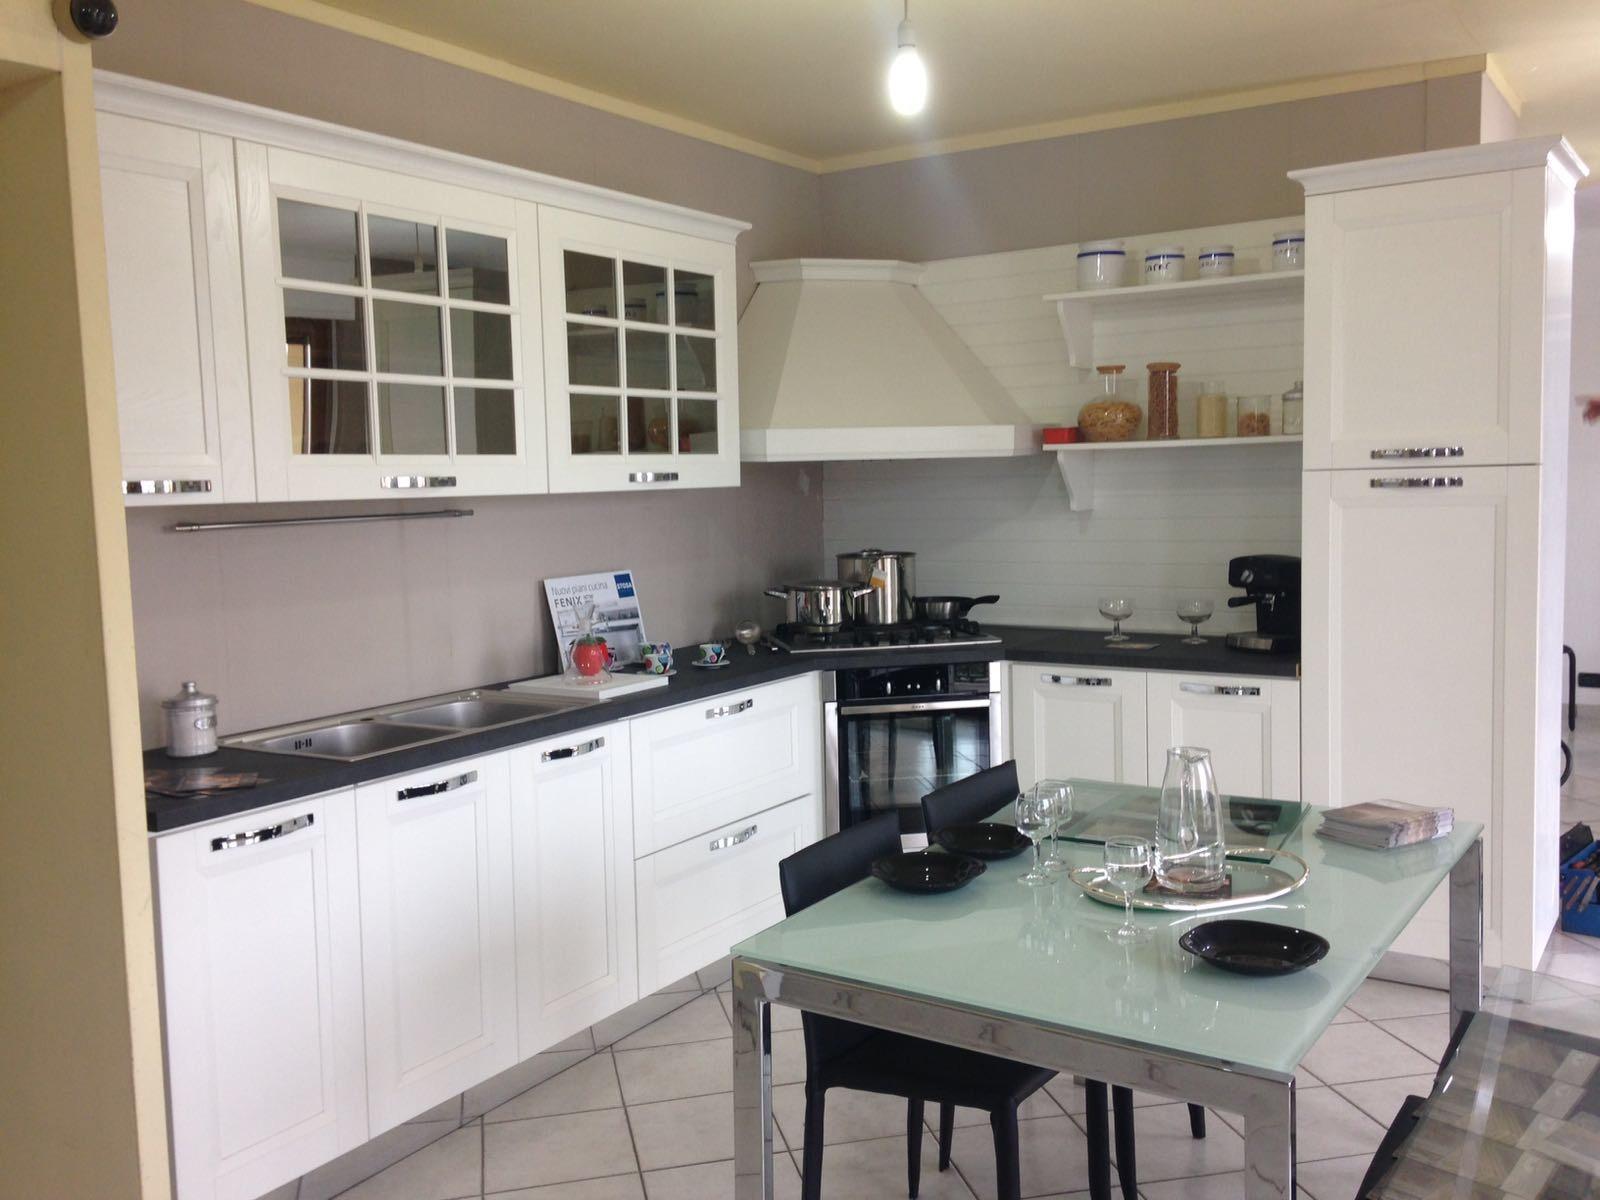 Cucina stosa cucine beverly classica legno bianca scontata - Cucina classica bianca ...